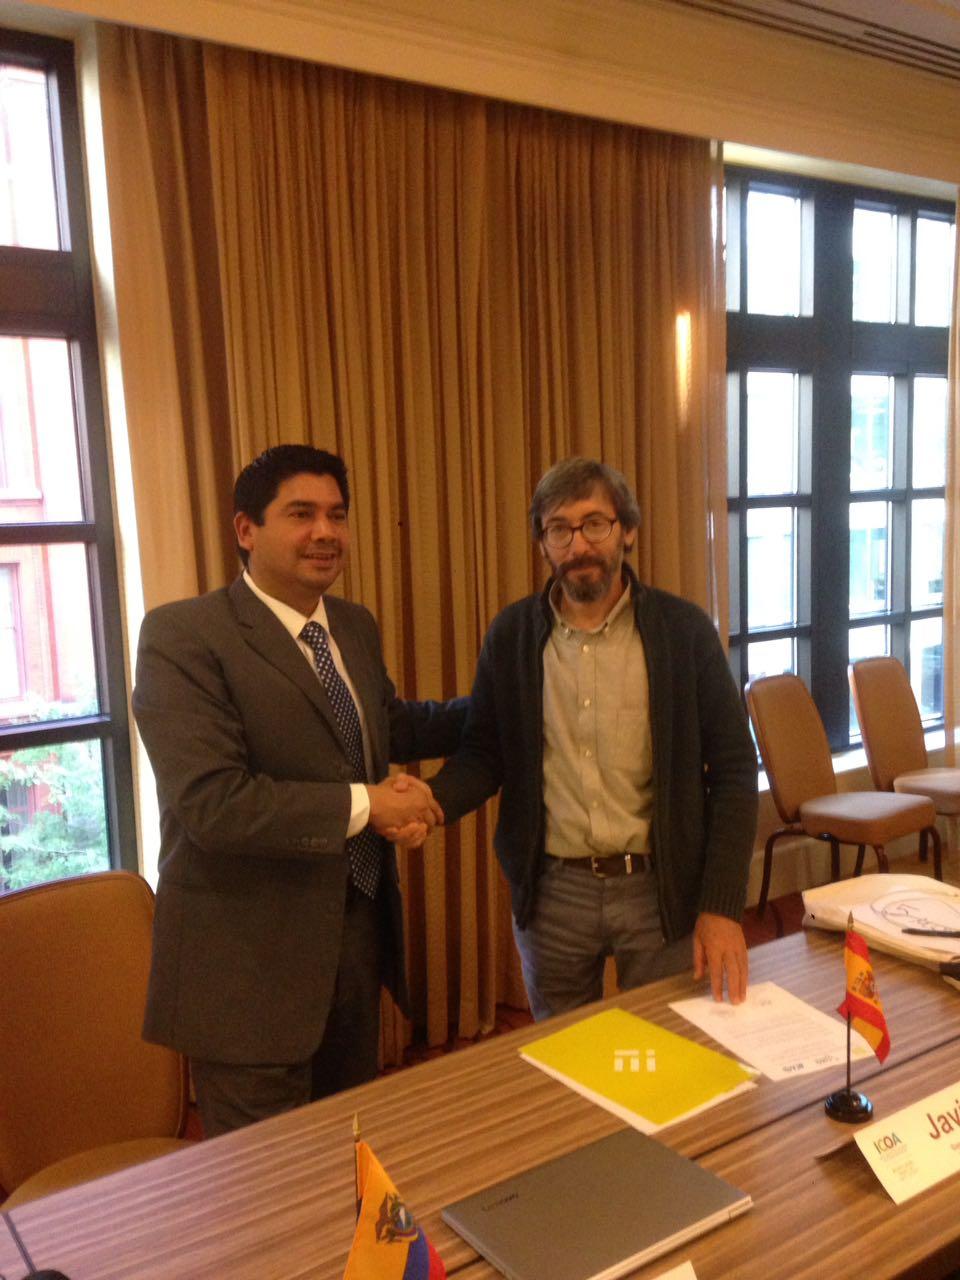 La Comisión Interamericana de Agricultura Orgánica (CIAO) e INTERECO firman un convenio Marco para profundizar en el conocimiento de los sistemas de certificación pública de producción ecológica